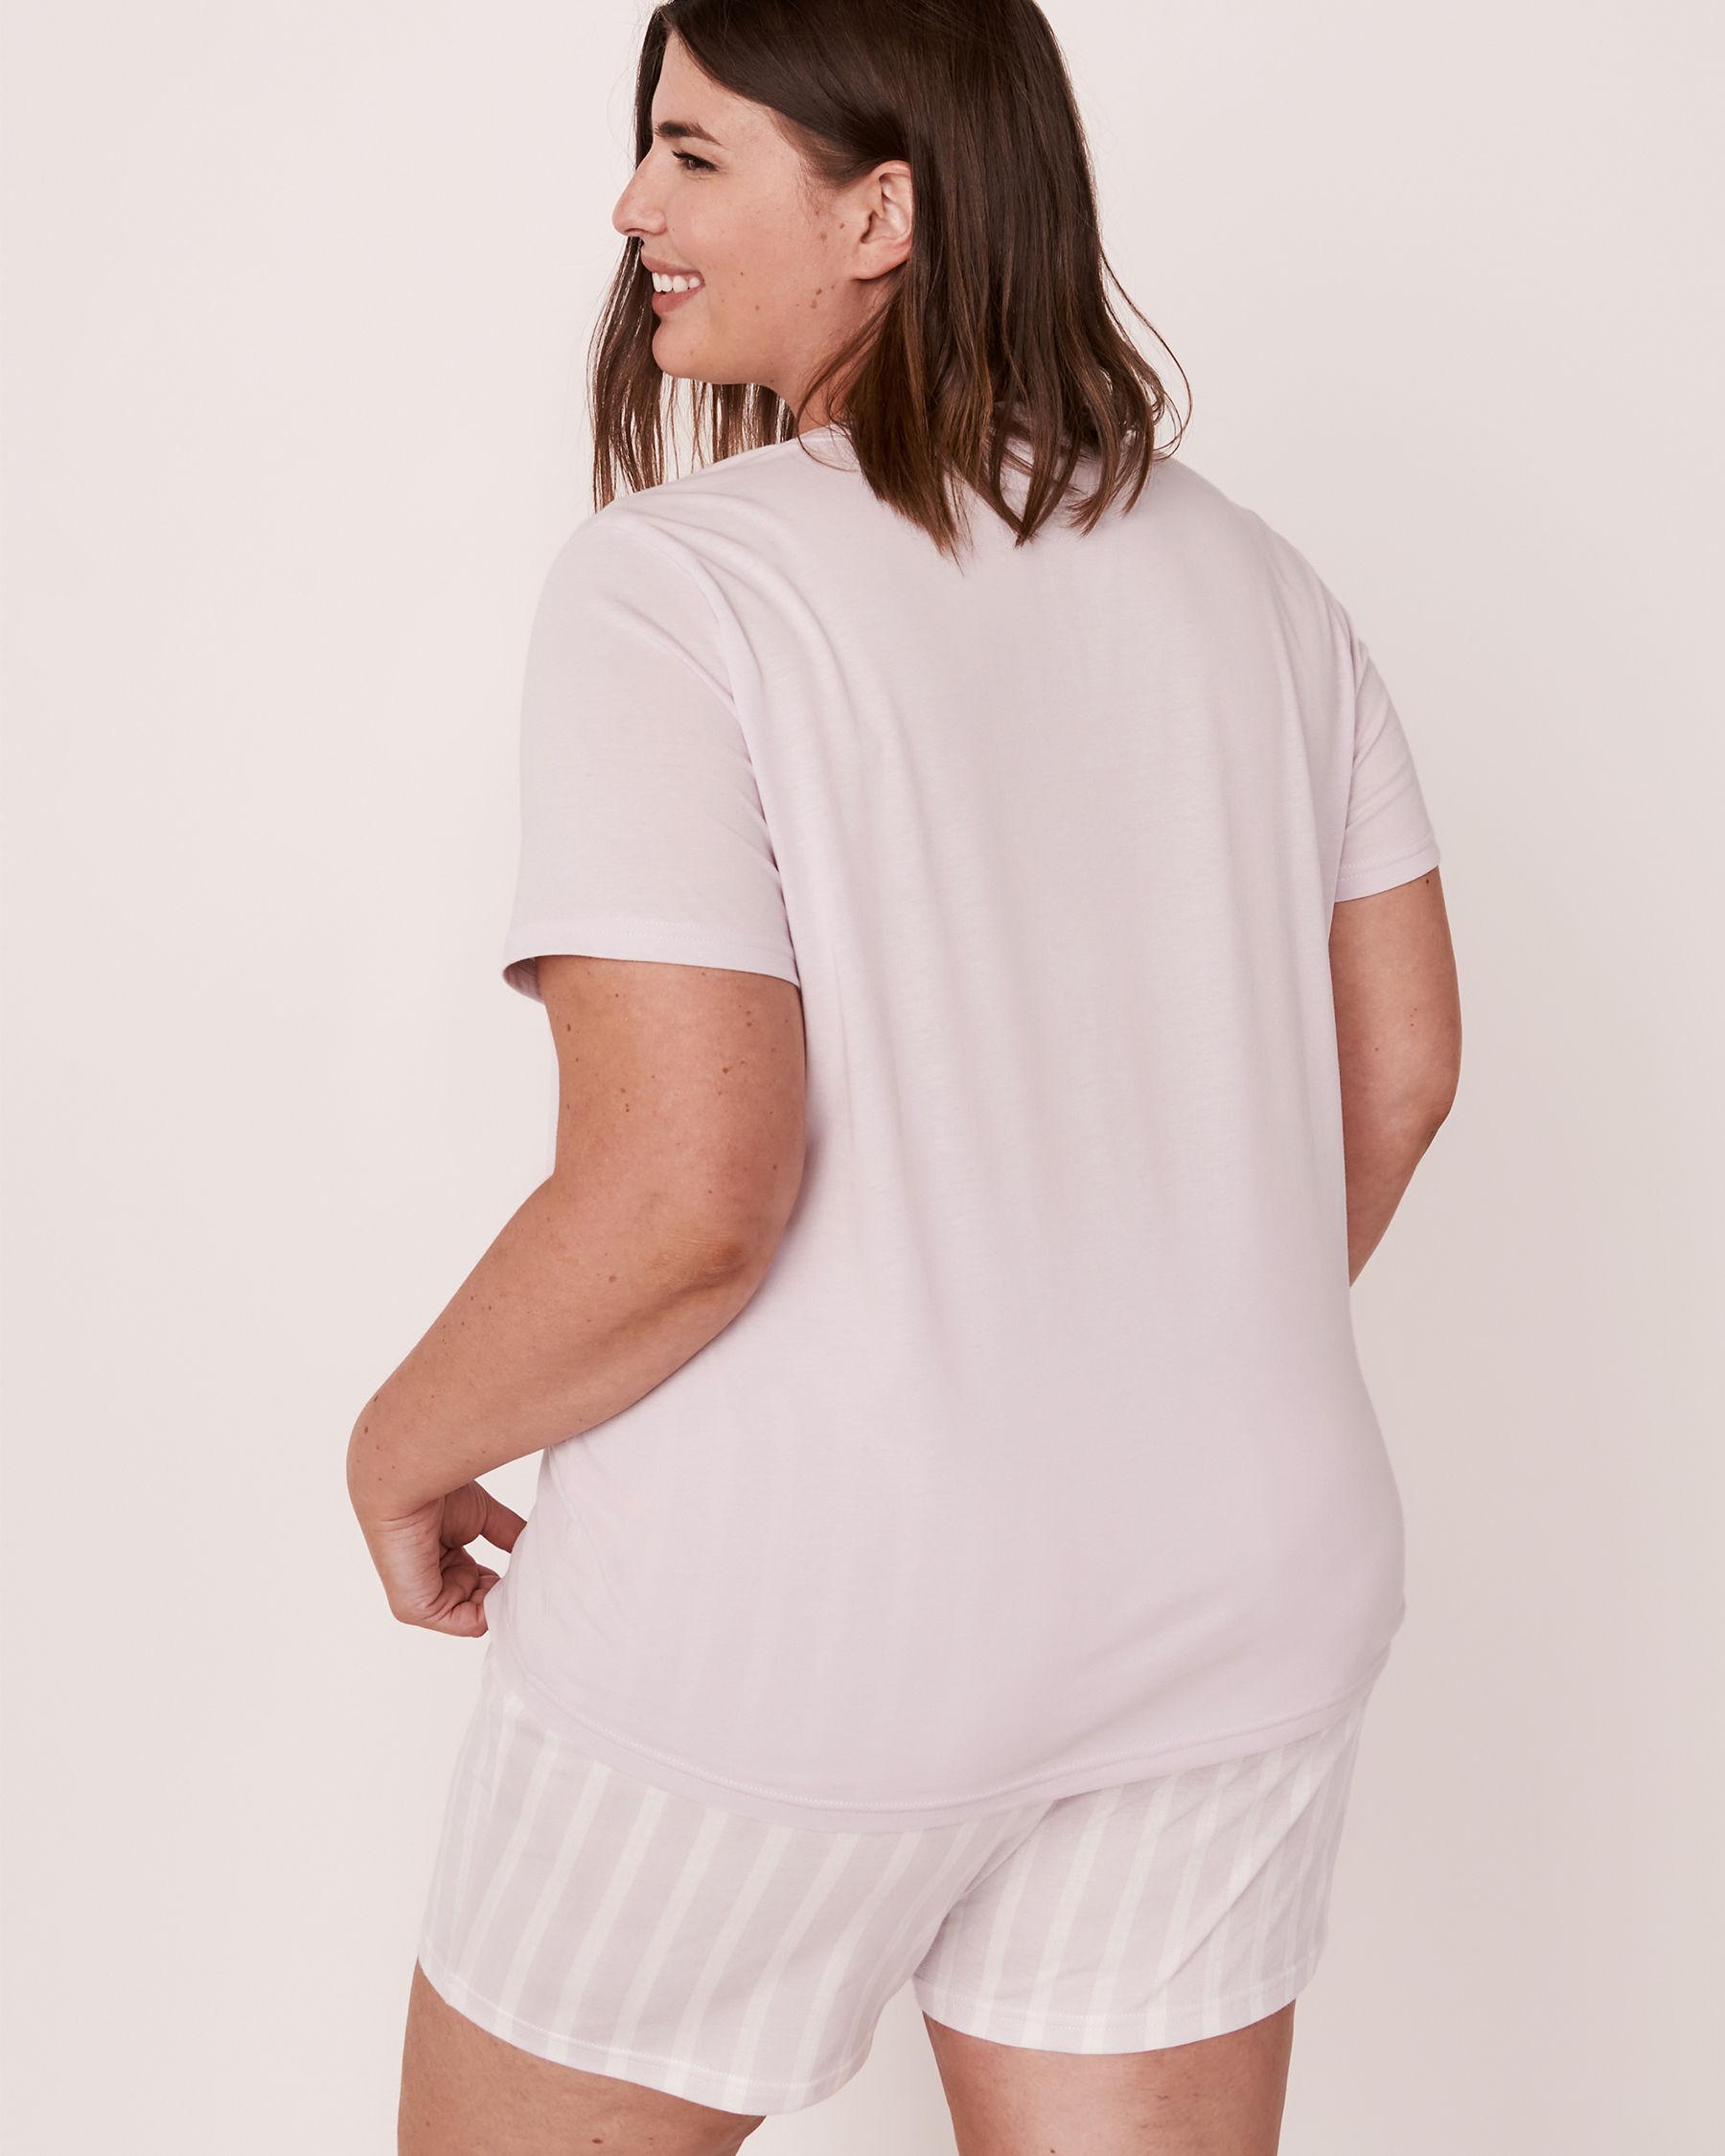 LA VIE EN ROSE Scoop Neck T-shirt Lavender 40100167 - View3